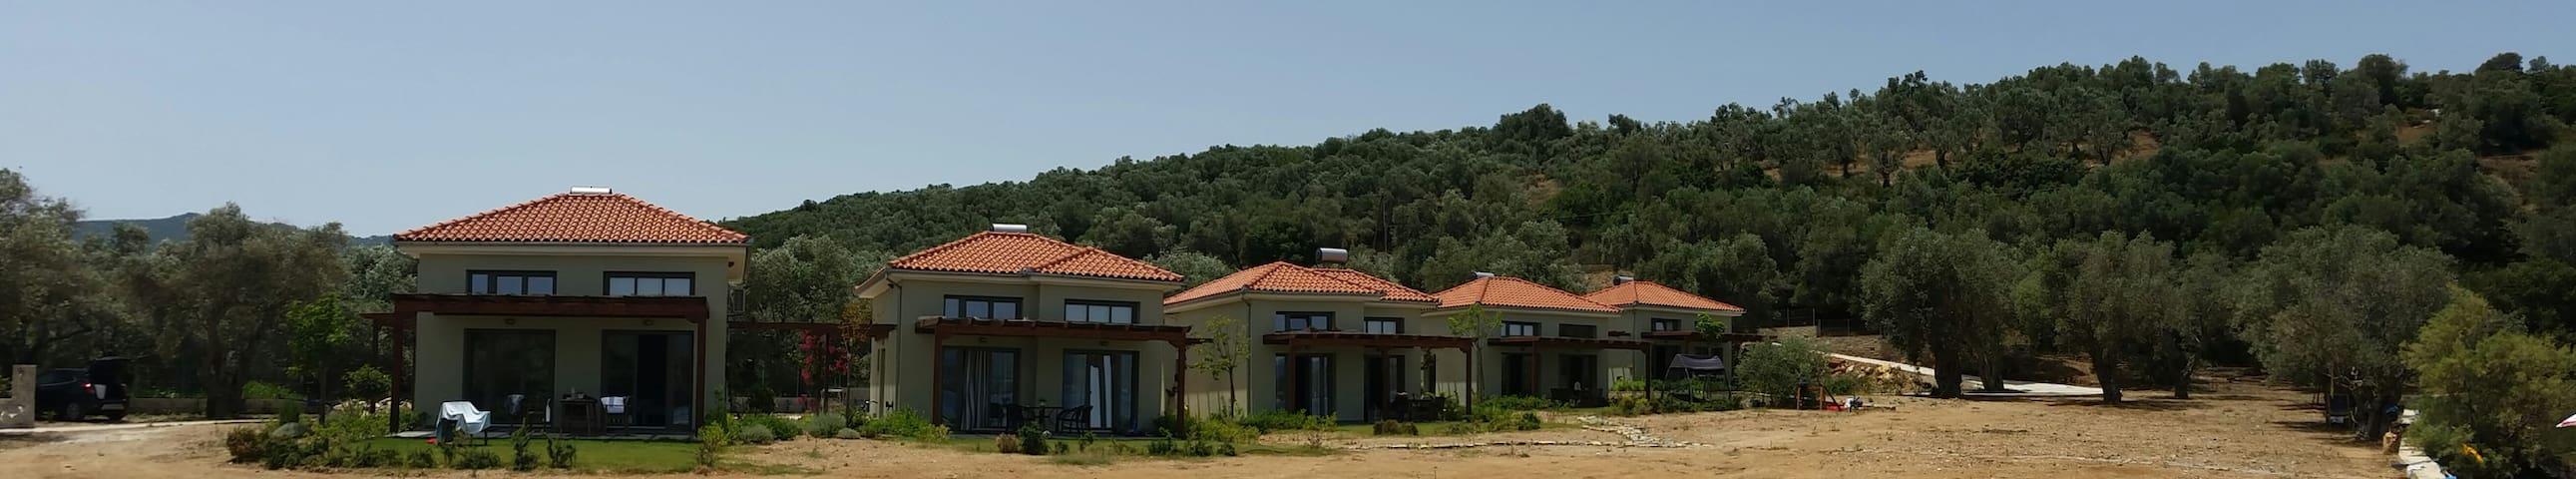 Thea Houses Milina Pelion